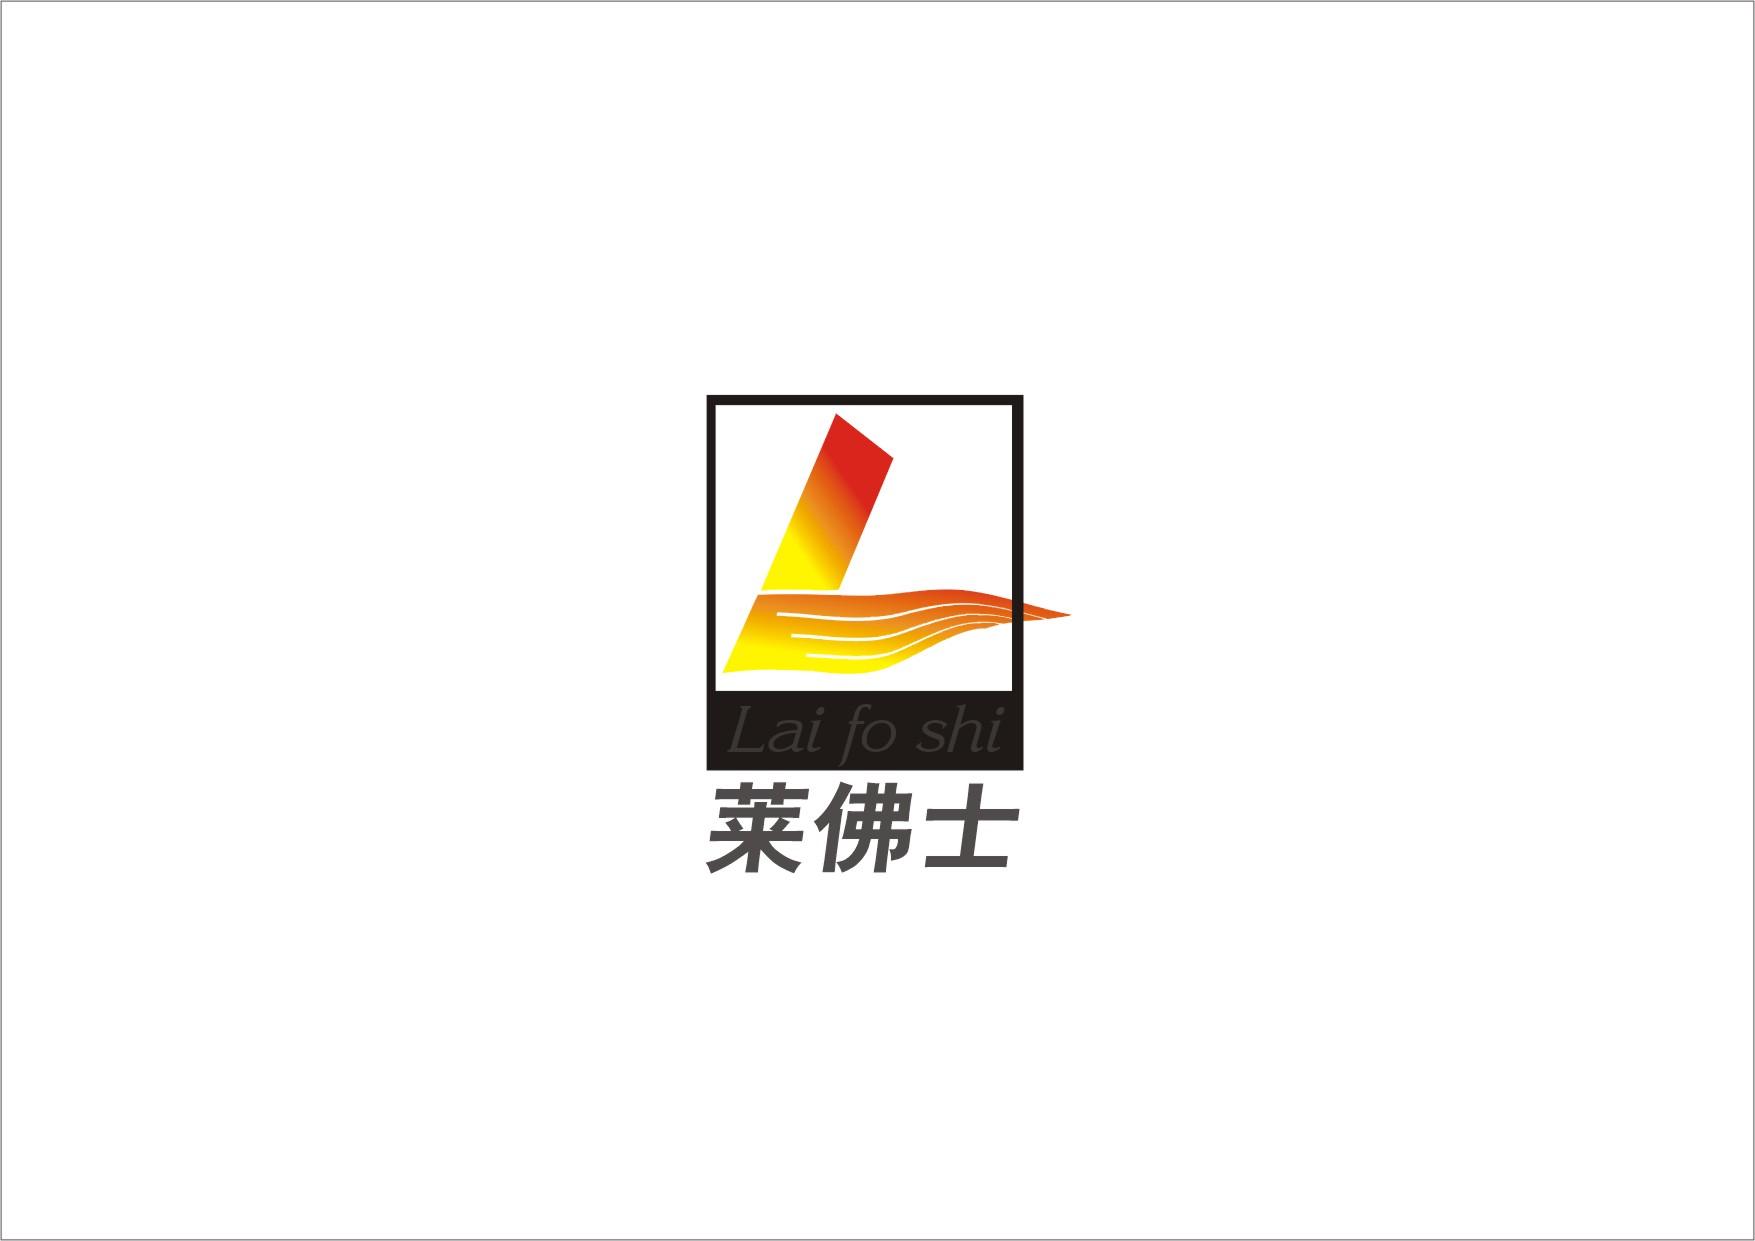 北京莱佛士企业logo设计